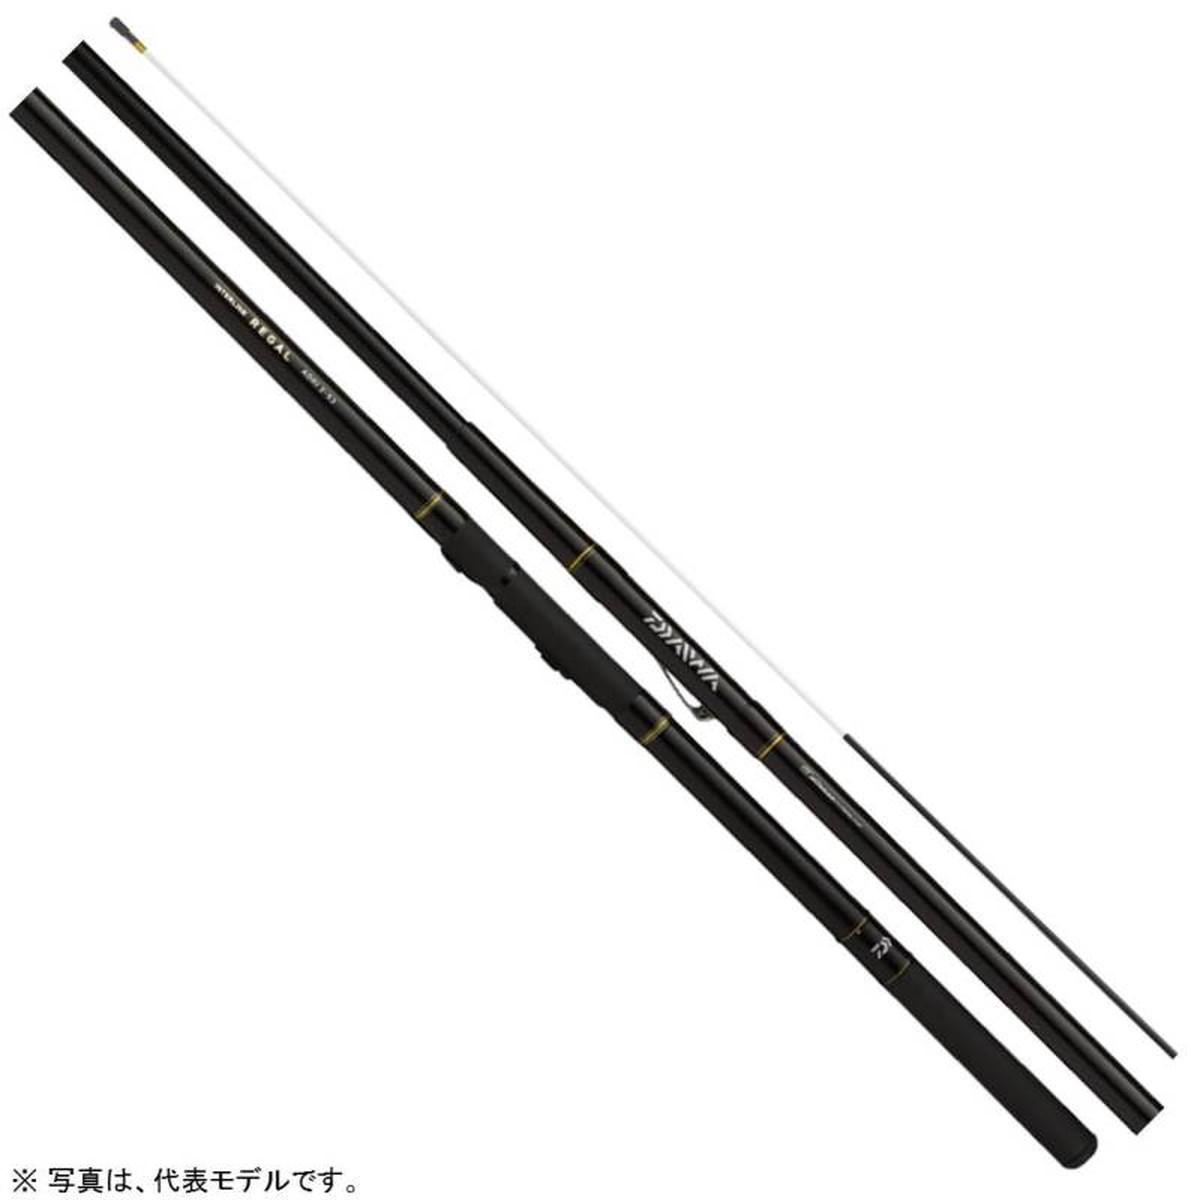 【送料無料5】ダイワ ロッド インターライン リーガル アオリ 2号-53